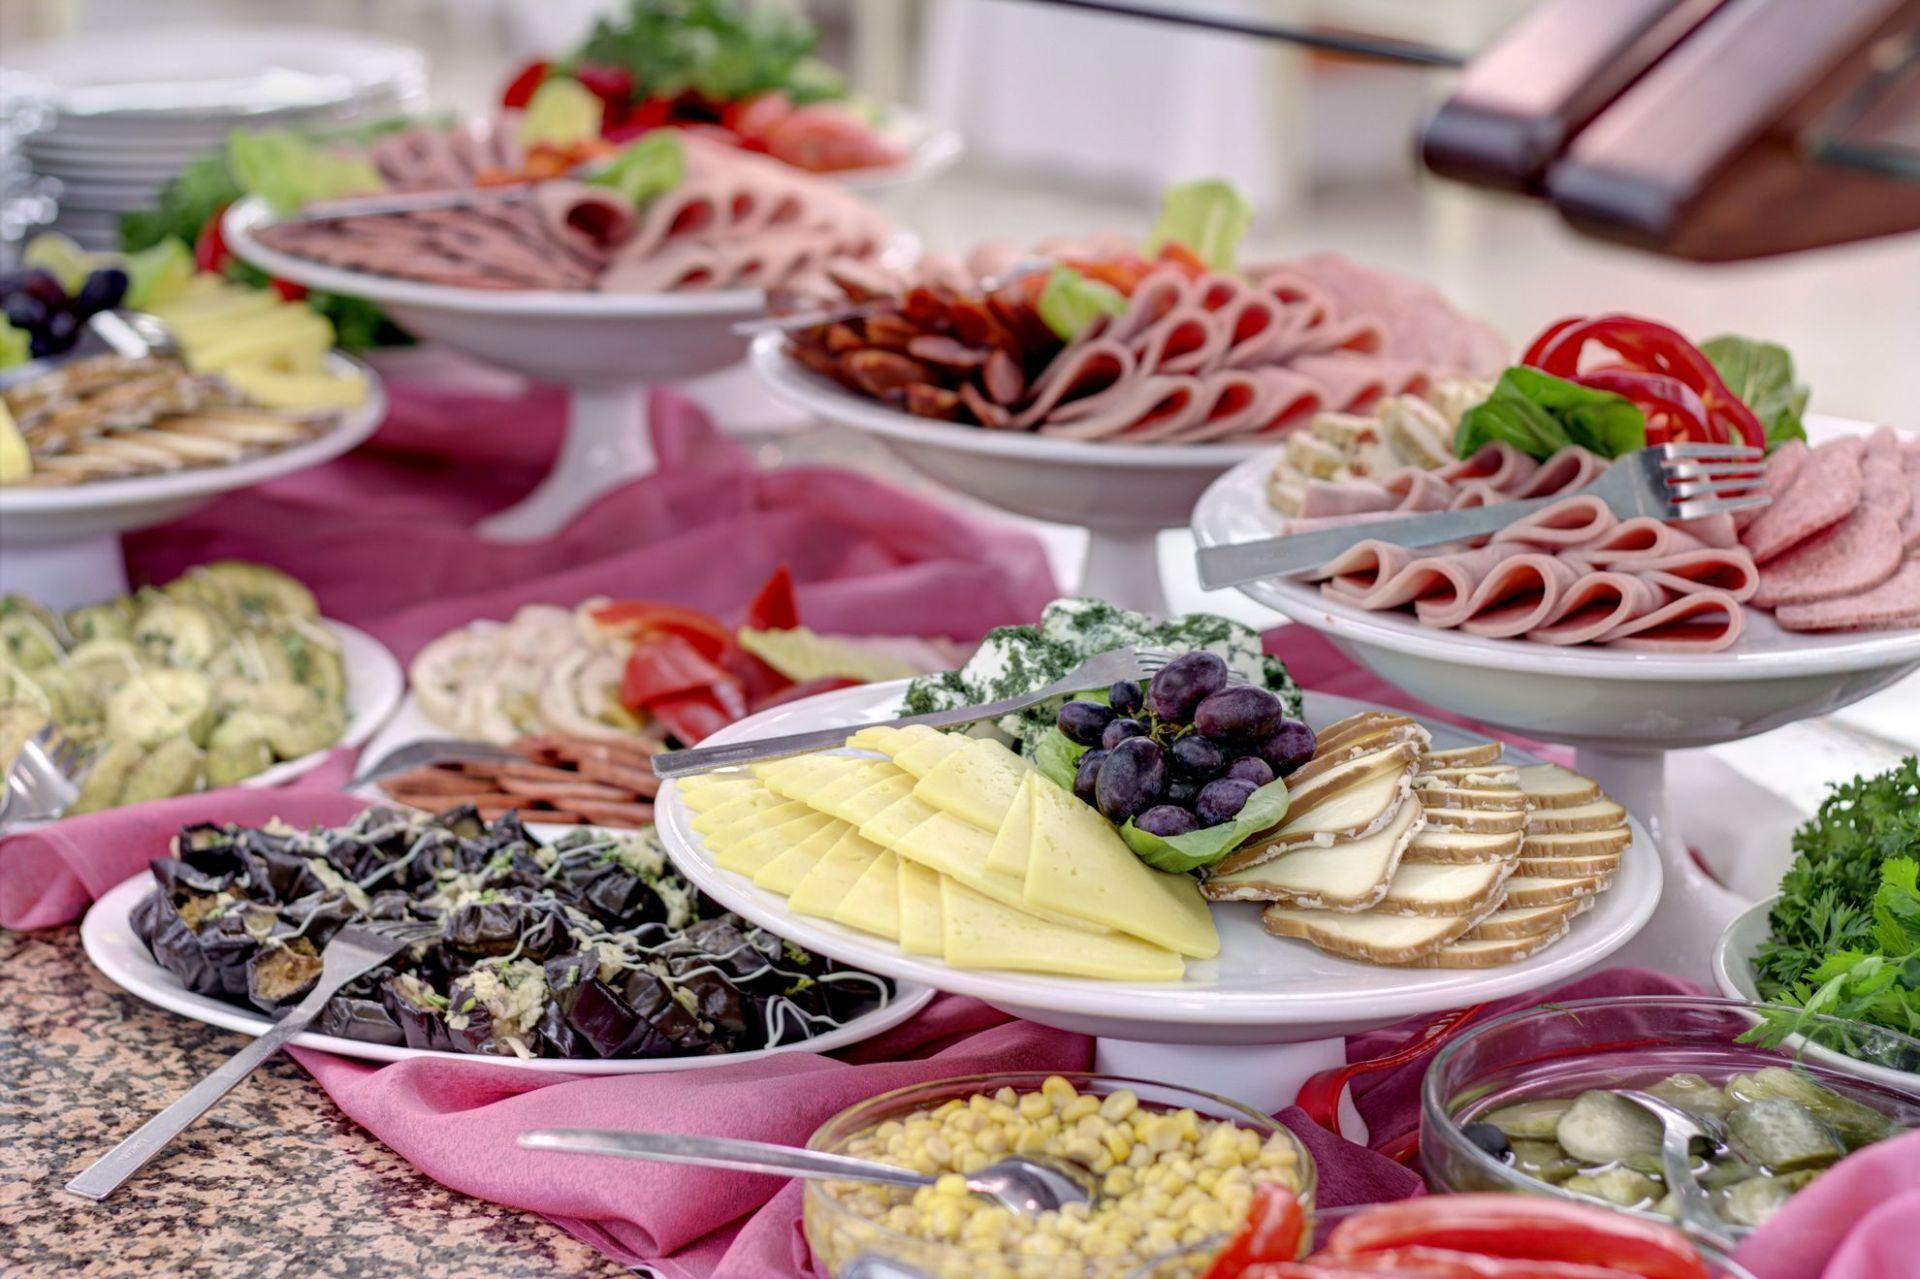 Как накрыть стол на день рождения дома недорого быстро и вкусно